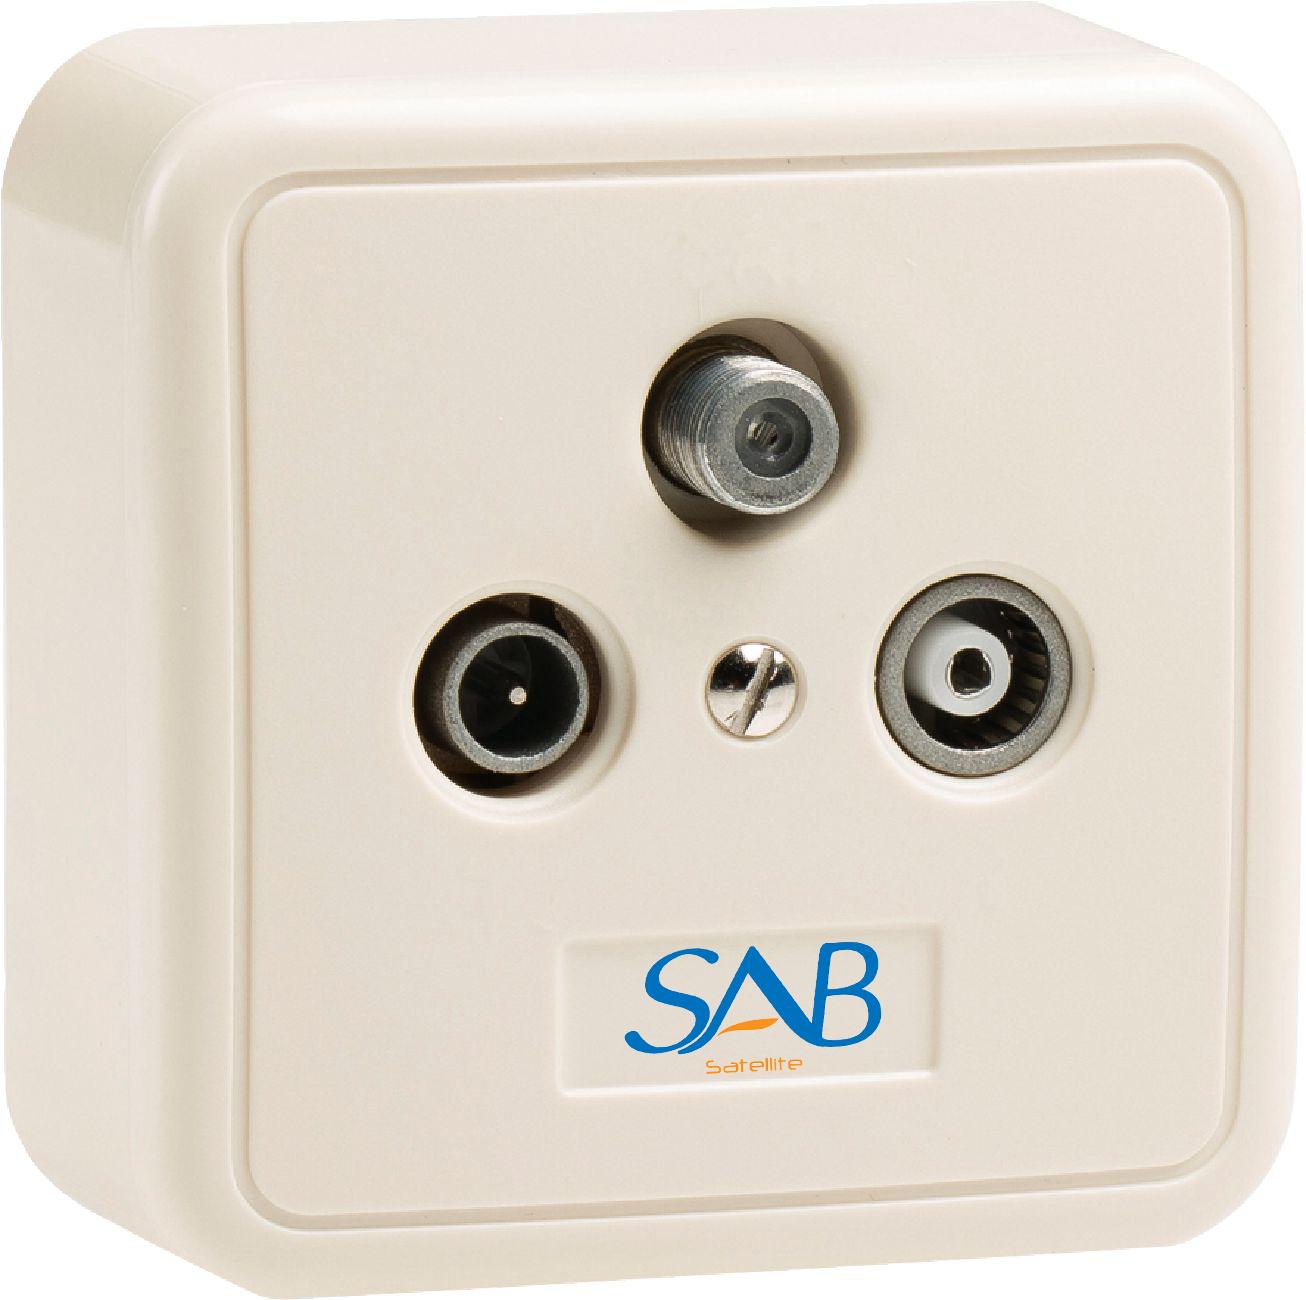 SAB - TP 523